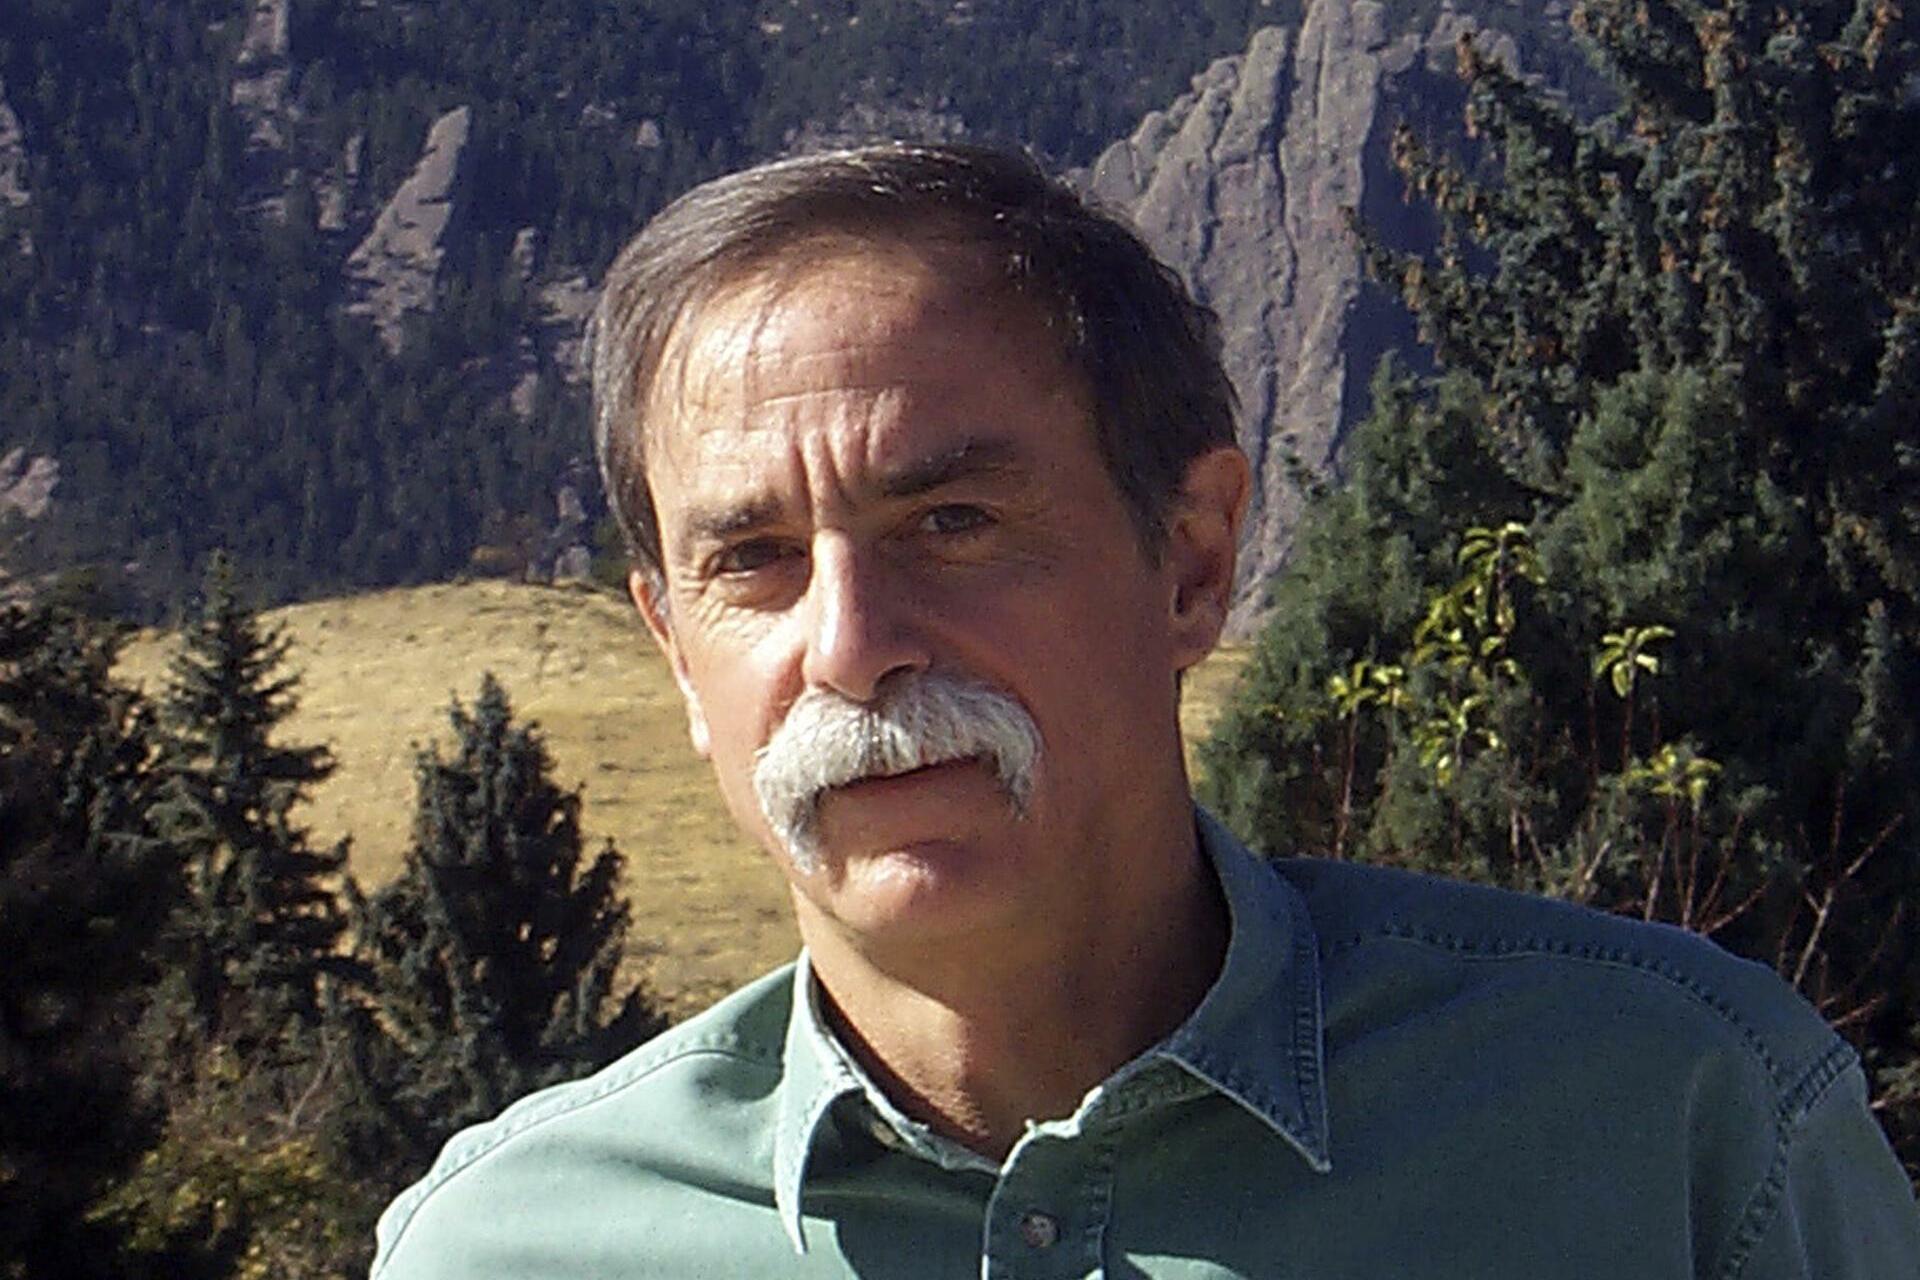 """Physik-Nobelpreis: David WinelandAuch Wineland ist Jahrgang 1944, und wie sein französischer Kollege hat auch der US-Amerikaner bei einem Nobelpreisträger promoviert, dem 2011 verstorbenen Norman Ramsey. Nach einer Zwischenstation an der University of Washington wechselte er 1975 ans National Institute of Standards and Technology in Boulder (Colorado), wo er sich unter anderem mit Ionenfallen beschäftigte - dem Forschungsfeld, für das er nun den Nobelpreis erhielt.  Die Forschung des US-Amerikaners basiert auf den Erkenntnissen von Wolfgang Paul und Hans Dehmelt, die bereits 1989 den Nobelpreis erhielten. """"Bescheiden"""", """"sportlich"""" und """"humorvoll"""" - so beschreiben seine Kollegen den """"24-Stunden-Physiker"""". Fritz Riehle, Leiter der Abteilung Optik der Physikalisch-Technischen Bundesanstalt (PTB), findet große Worte für Winelands Zusammenarbeit mit Dehmelt: """"Wir sind alle kleine Zwerge, die auf den Schultern von Riesen stehen. Das ist ein Riese, der auf den Schultern von einem anderen Riesen steht."""" Quelle: Reuters"""